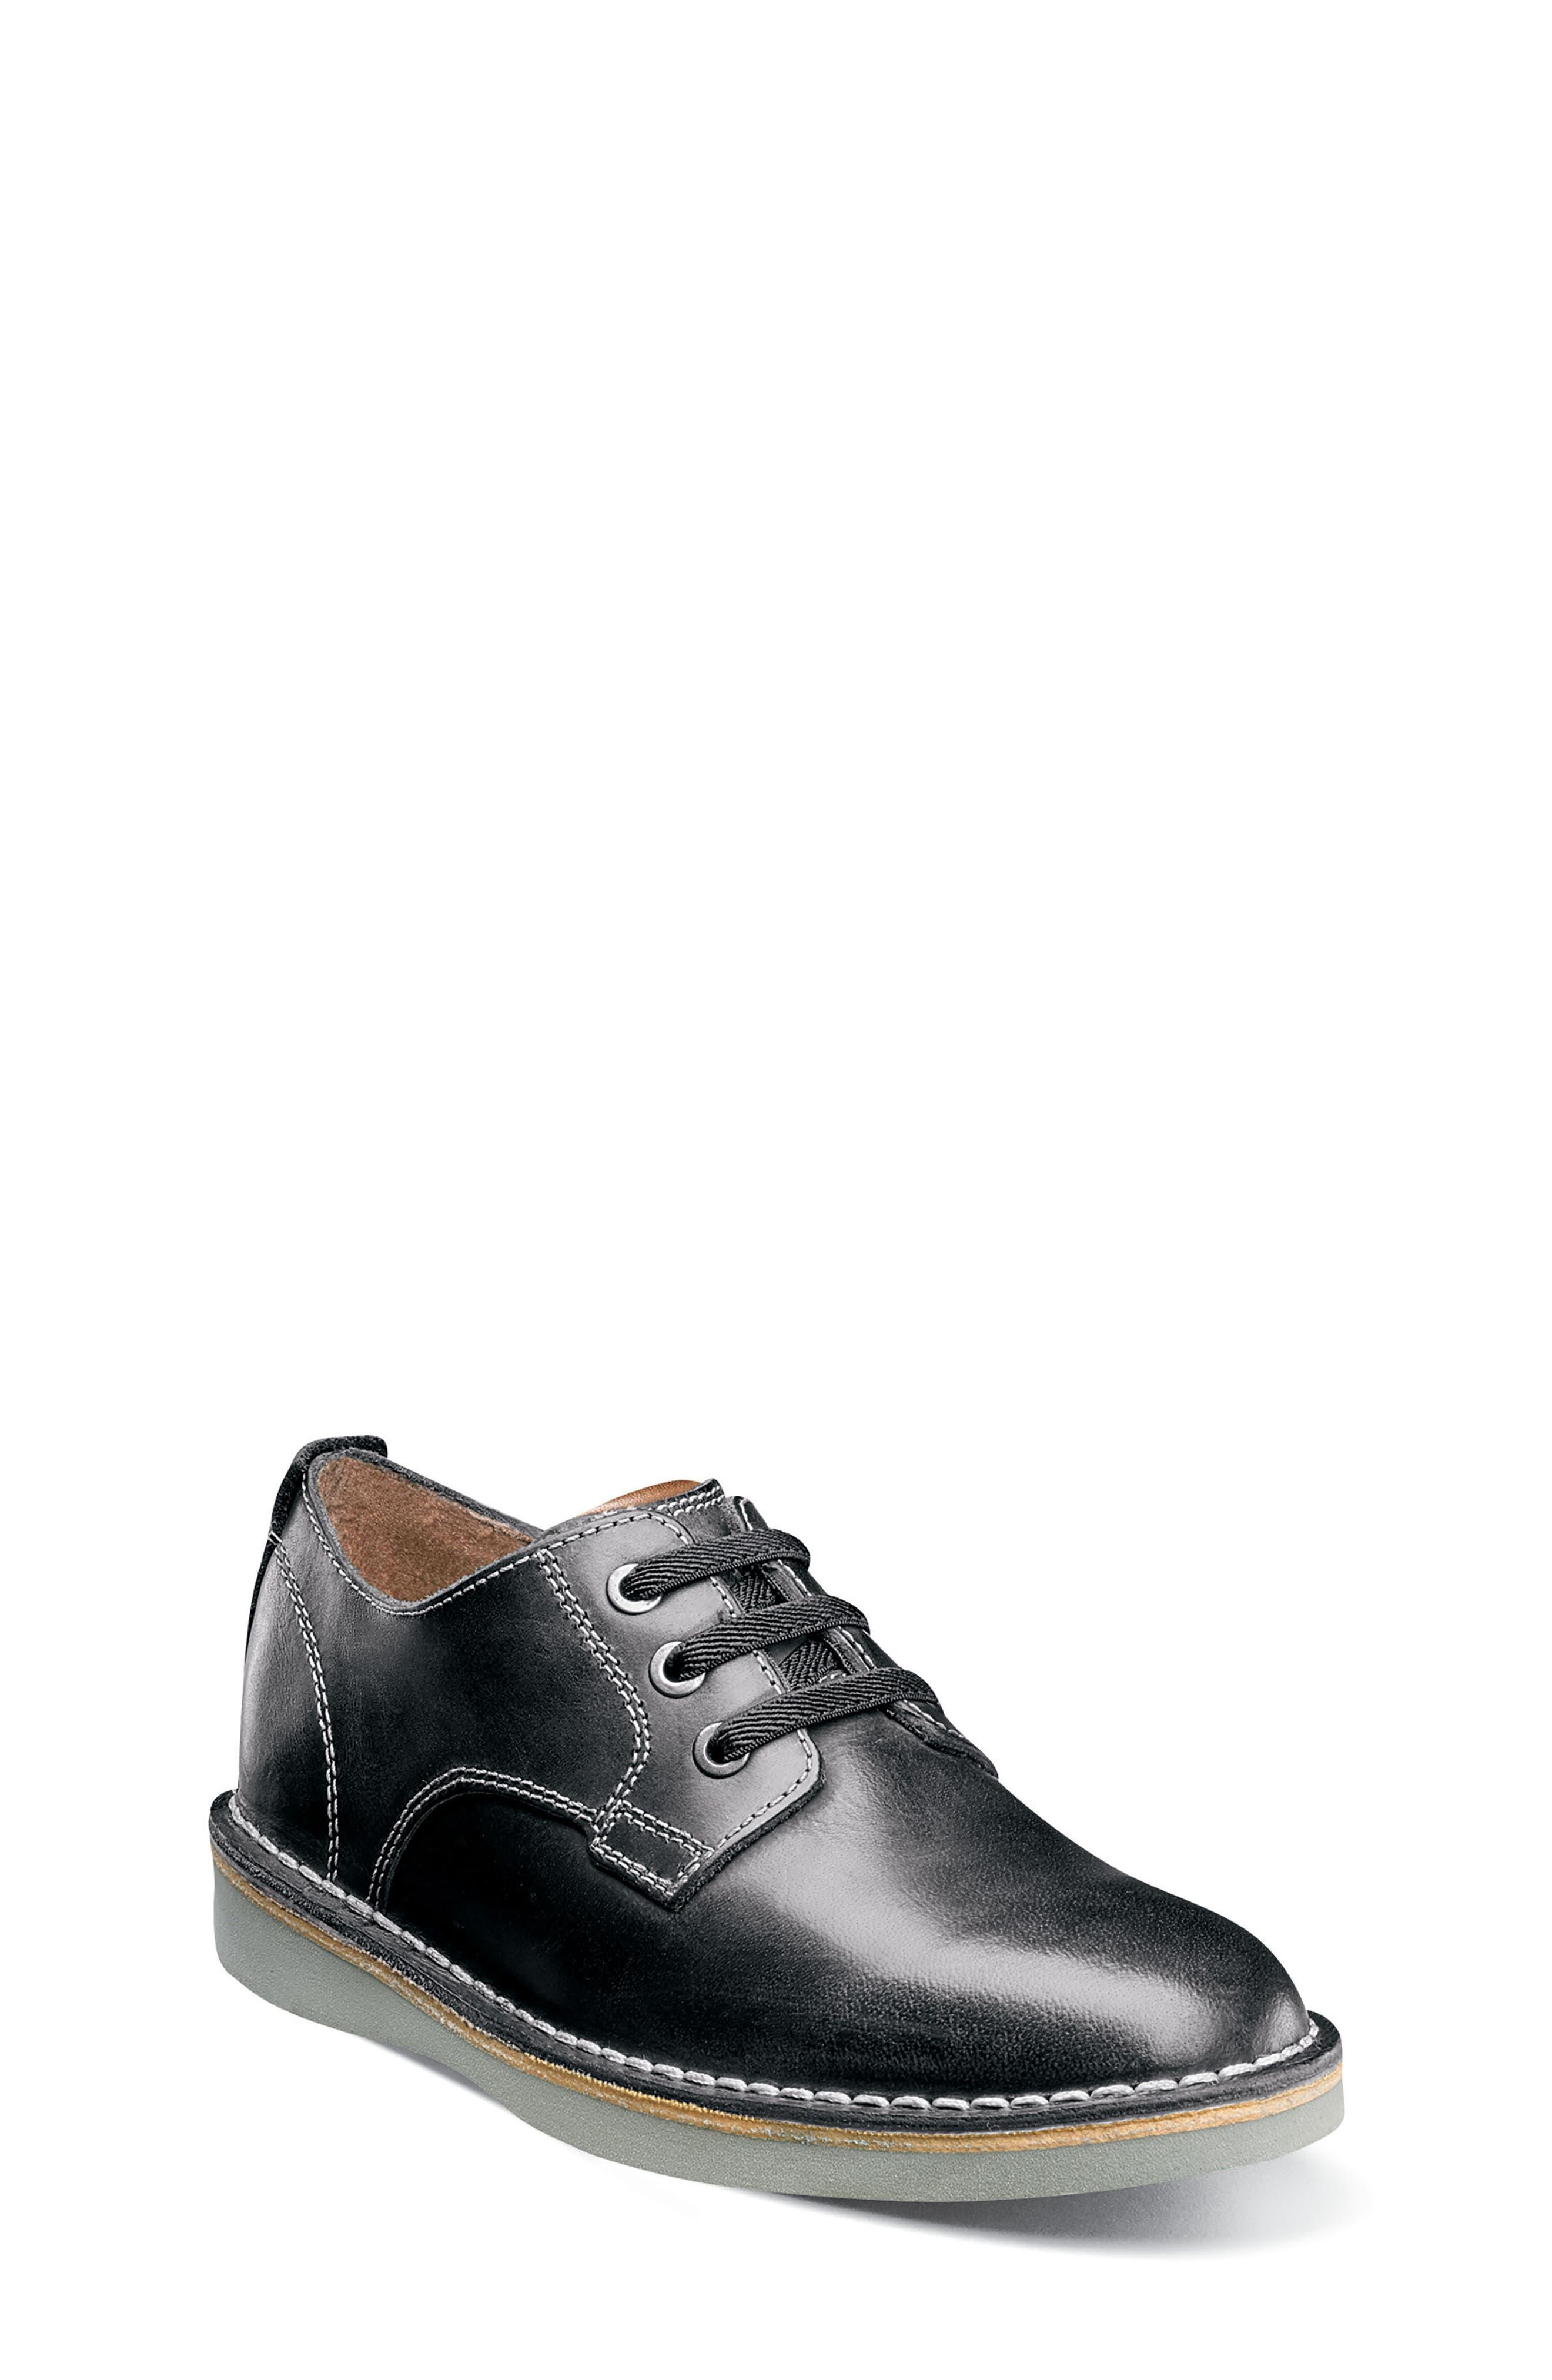 Navigator JR Plain Toe Oxford, Main, color, BLACK LEATHER